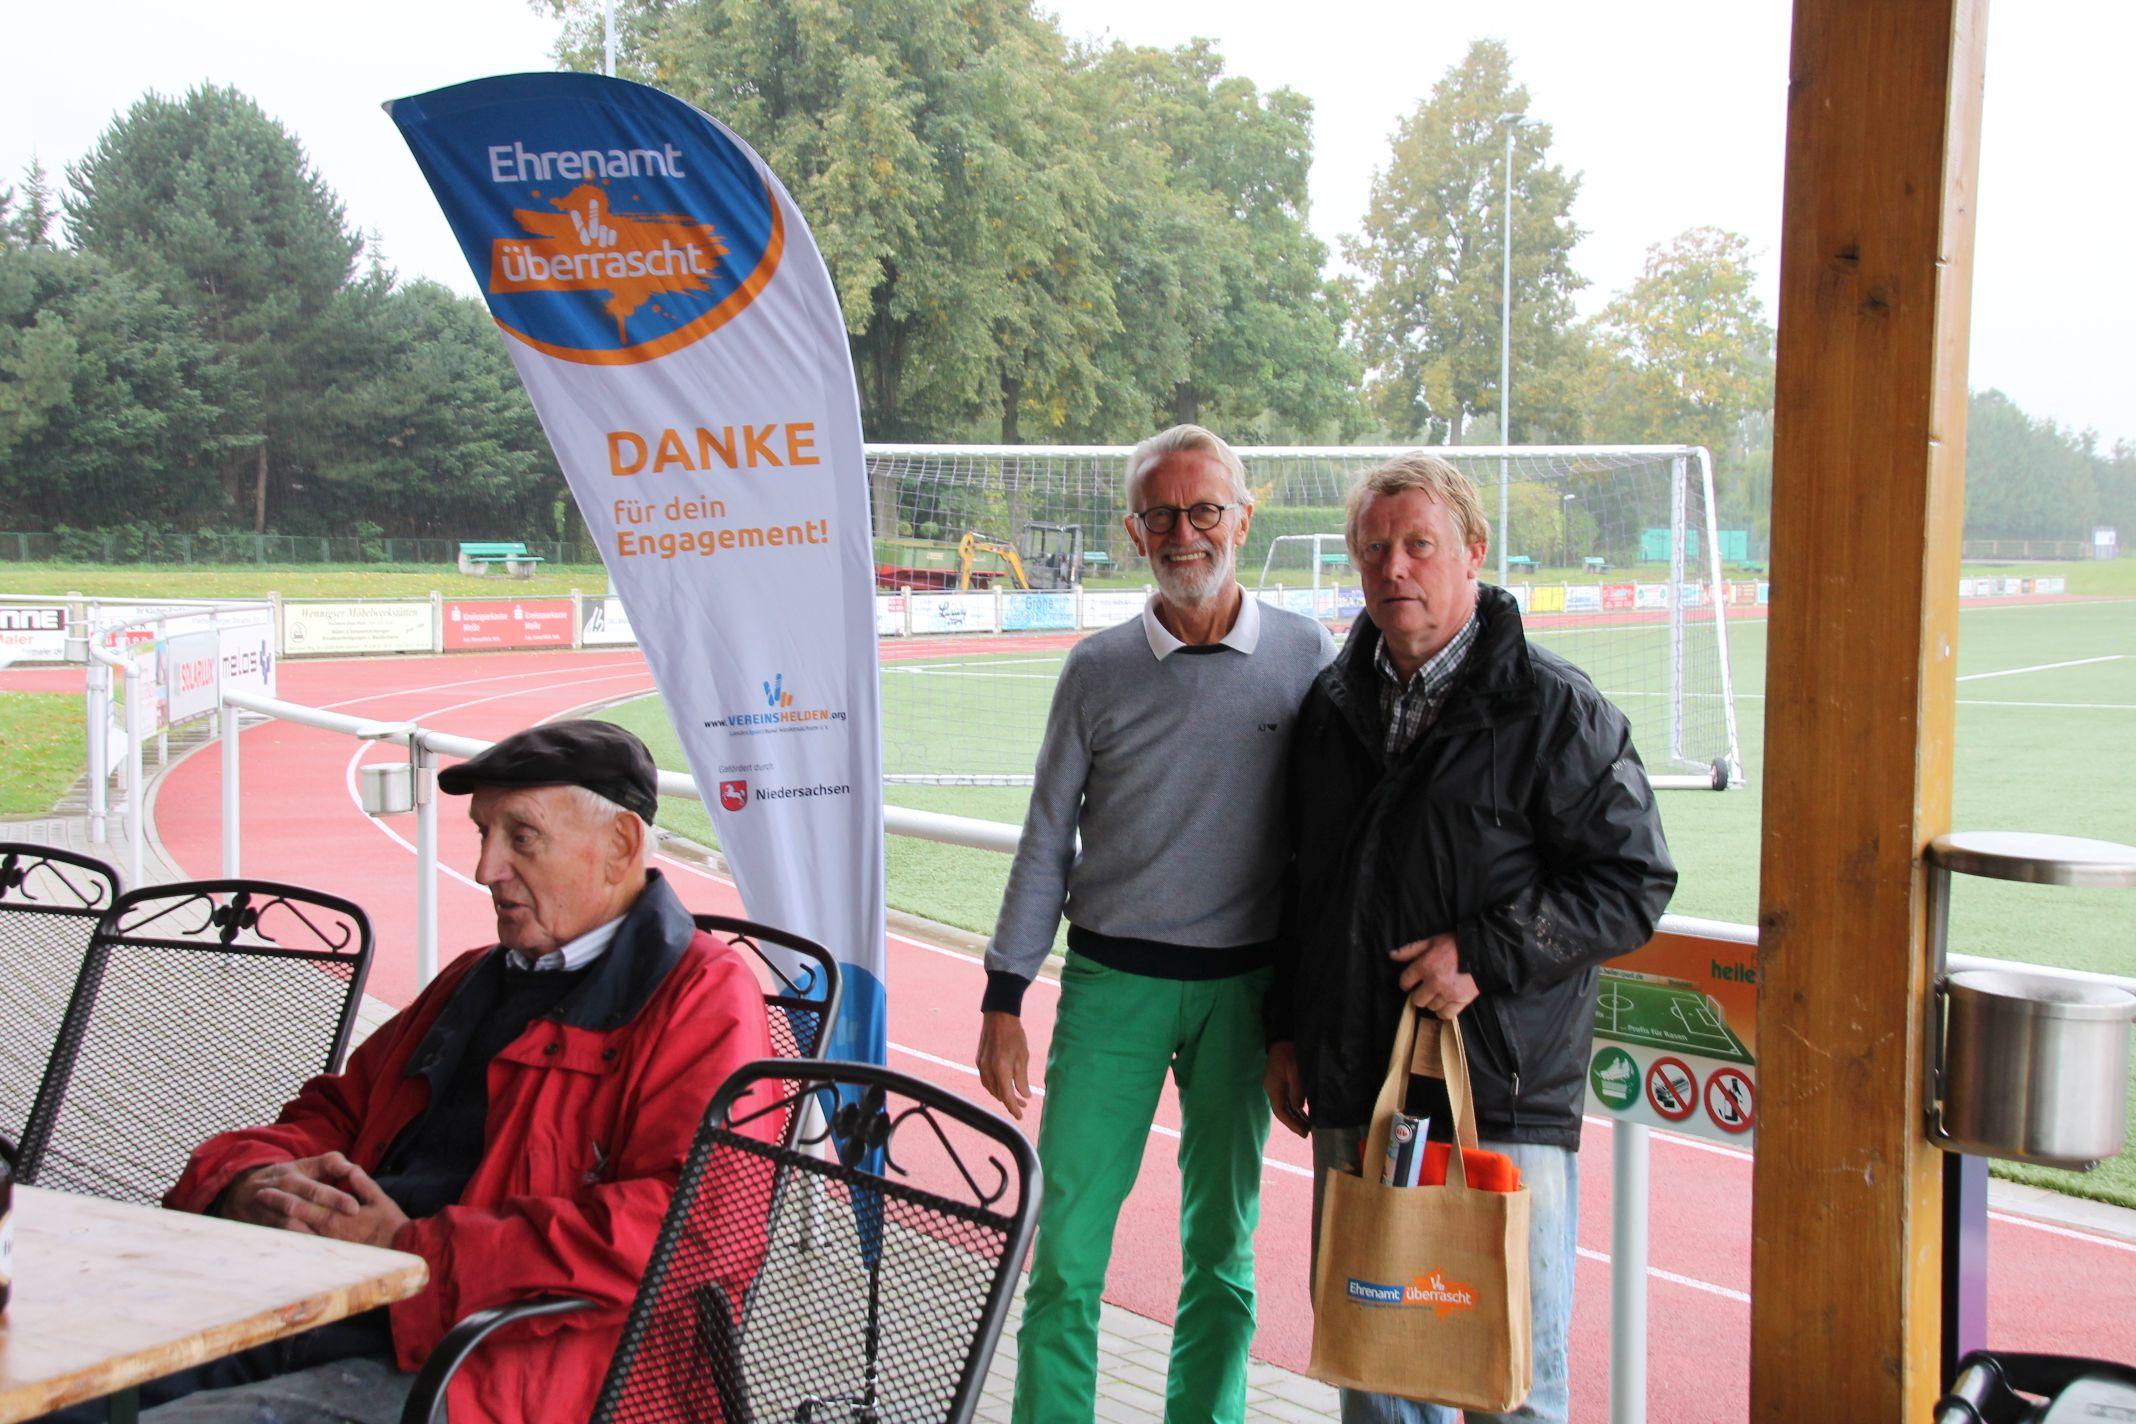 Ehrenamt überrascht – Heinz Hüdepohl wurde geehrt